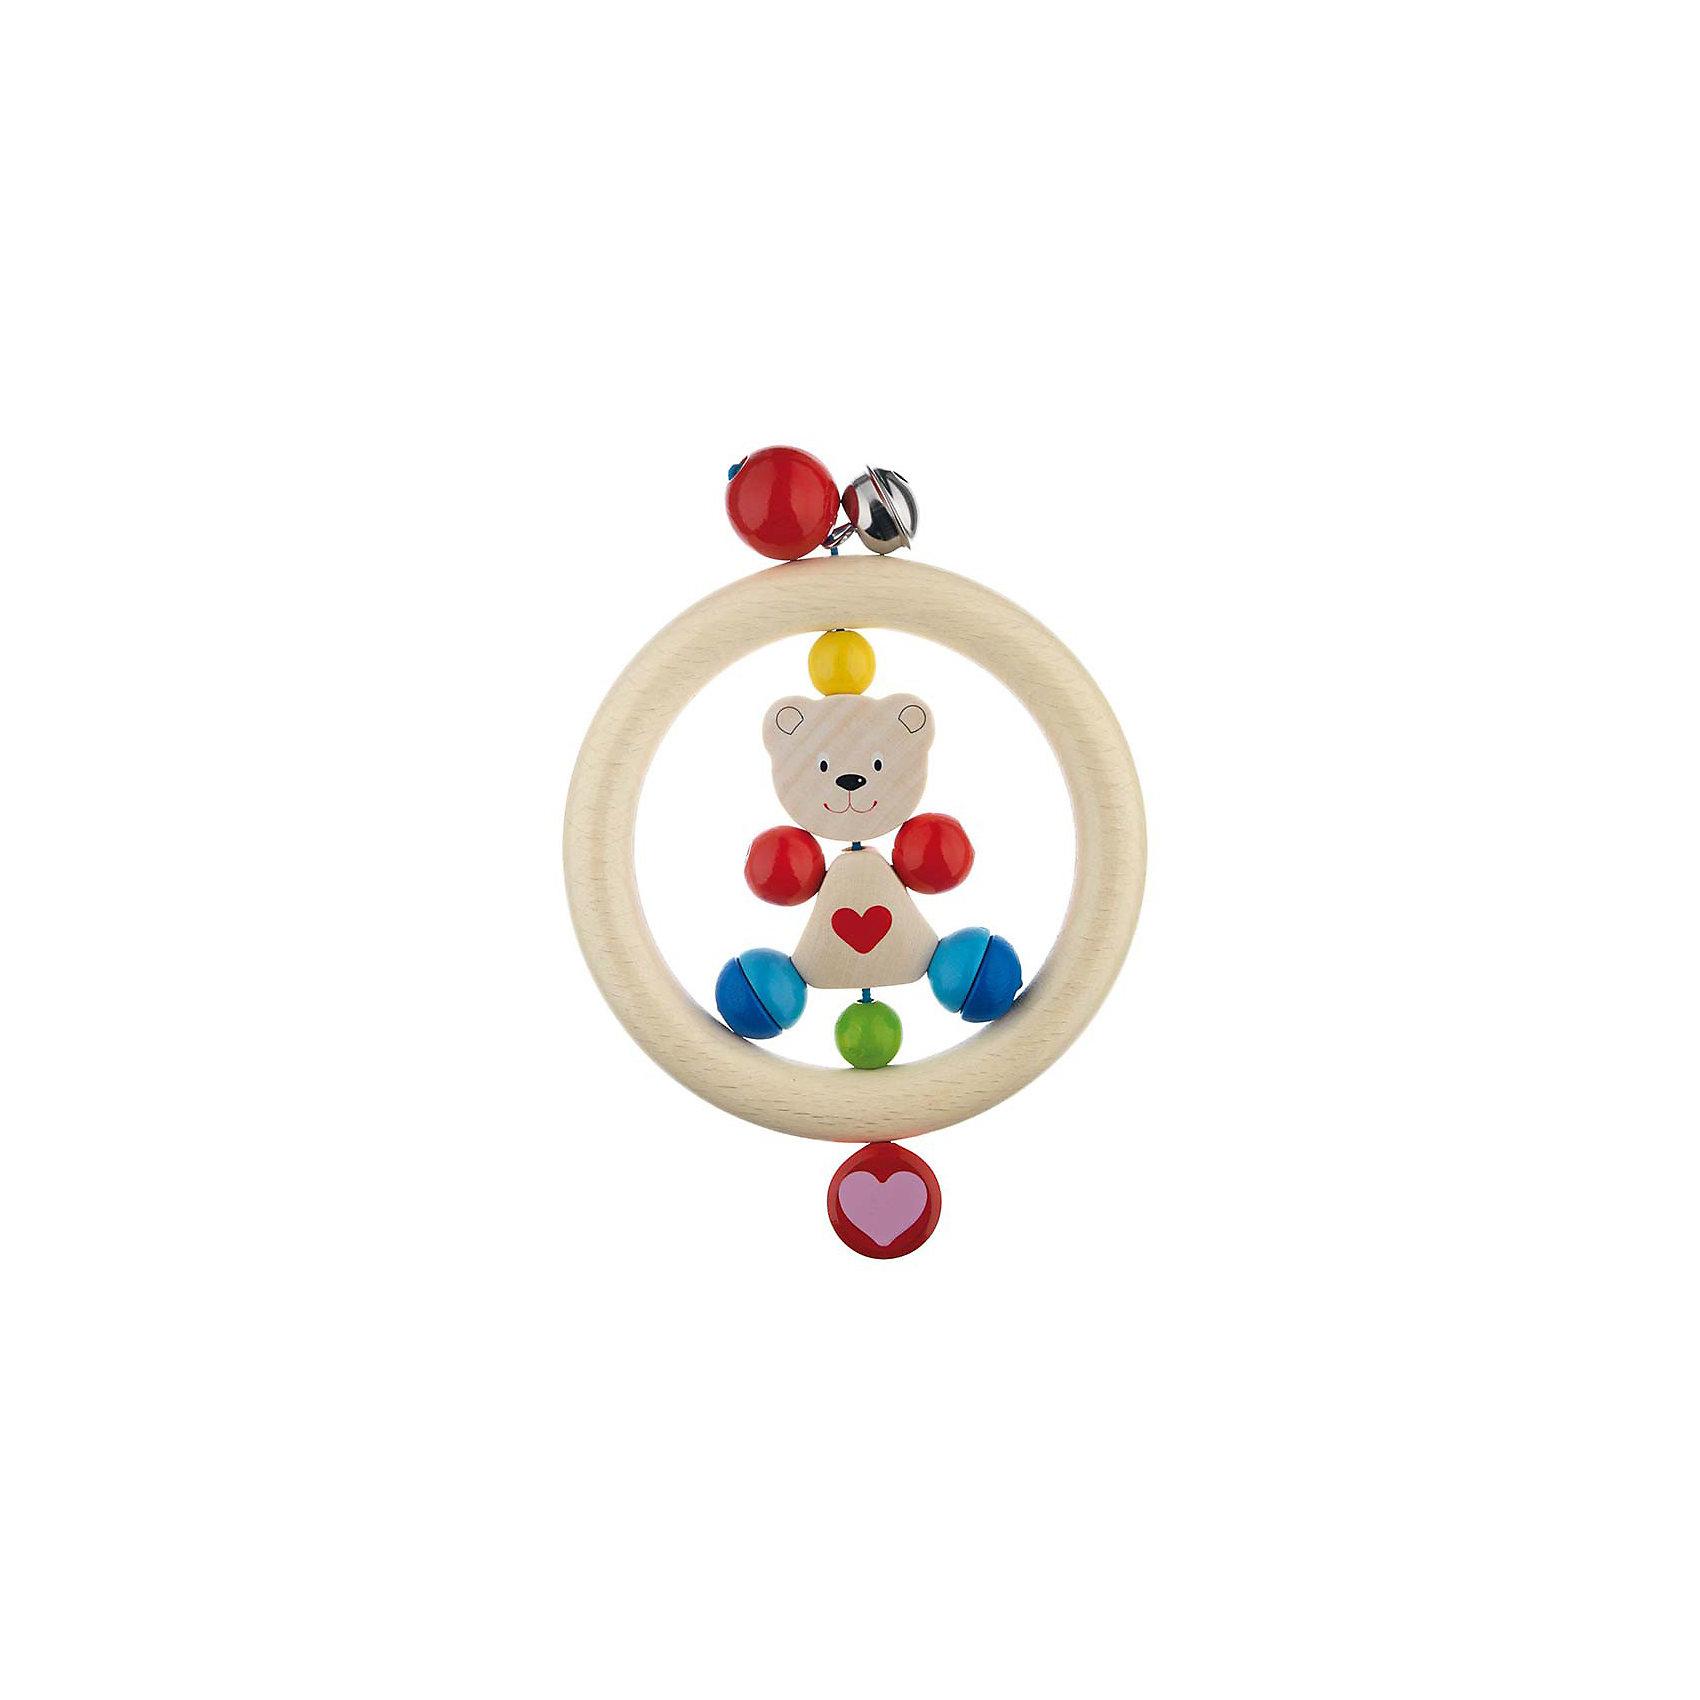 Игрушка-кольцо Медвежонок с сердцем, HEIMESSПодвески<br>Игрушка-кольцо Медвежонок с сердцем, HEIMESS (ХАЙМЕСС) - это качественная, красивая деревянная игрушка для малышей.<br>Игрушка-кольцо Медвежонок с сердцем от немецкого бренда HEIMESS (ХАЙМЕСС), наверняка, понравится Вашему малышу – эту игрушку так и хочется взять в руки! Игрушка состоит из деревянного кольца, внутри которого закреплена фигурка медвежонка и разноцветные элементы в виде шаров. Снаружи кольцо дополнено двумя разноцветными бусинами и колокольчиком. Игрушка изготовлена из качественной древесины и покрыта стойкими безопасными красками на водной основе. Благодаря этому ребенок может брать ее в рот. Каждый элемент игрушки хорошо отшлифован, поэтому он гладкий и без сколов. Игрушка-кольцо Медвежонок с сердцем развивает мелкую моторику рук, ведь малышу будет интересно осмотреть и ощупать маленькими пальчиками разноцветные элементы, услышать приятный звук колокольчика. Размер и конструкция игрушки замечательно подходит для маленьких детских ручек, а за деревянное кольцо очень удобно хвататься. Игрушки от Heimess (Хаймесс) уже больше 50 лет пользуются популярностью у детей и родителей. Они делаются из самых безопасных материалов и тщательно тестируются.<br><br>Дополнительная информация:<br><br>- Возраст: от 0 лет<br>- Материал: древесина, стойкие краски на водной основе<br>- Диаметр: 14 см.<br><br>Игрушку-кольцо Медвежонок с сердцем, HEIMESS (ХАЙМЕСС) можно купить в нашем интернет-магазине.<br><br>Ширина мм: 140<br>Глубина мм: 140<br>Высота мм: 30<br>Вес г: 50<br>Возраст от месяцев: 0<br>Возраст до месяцев: 12<br>Пол: Унисекс<br>Возраст: Детский<br>SKU: 3321626